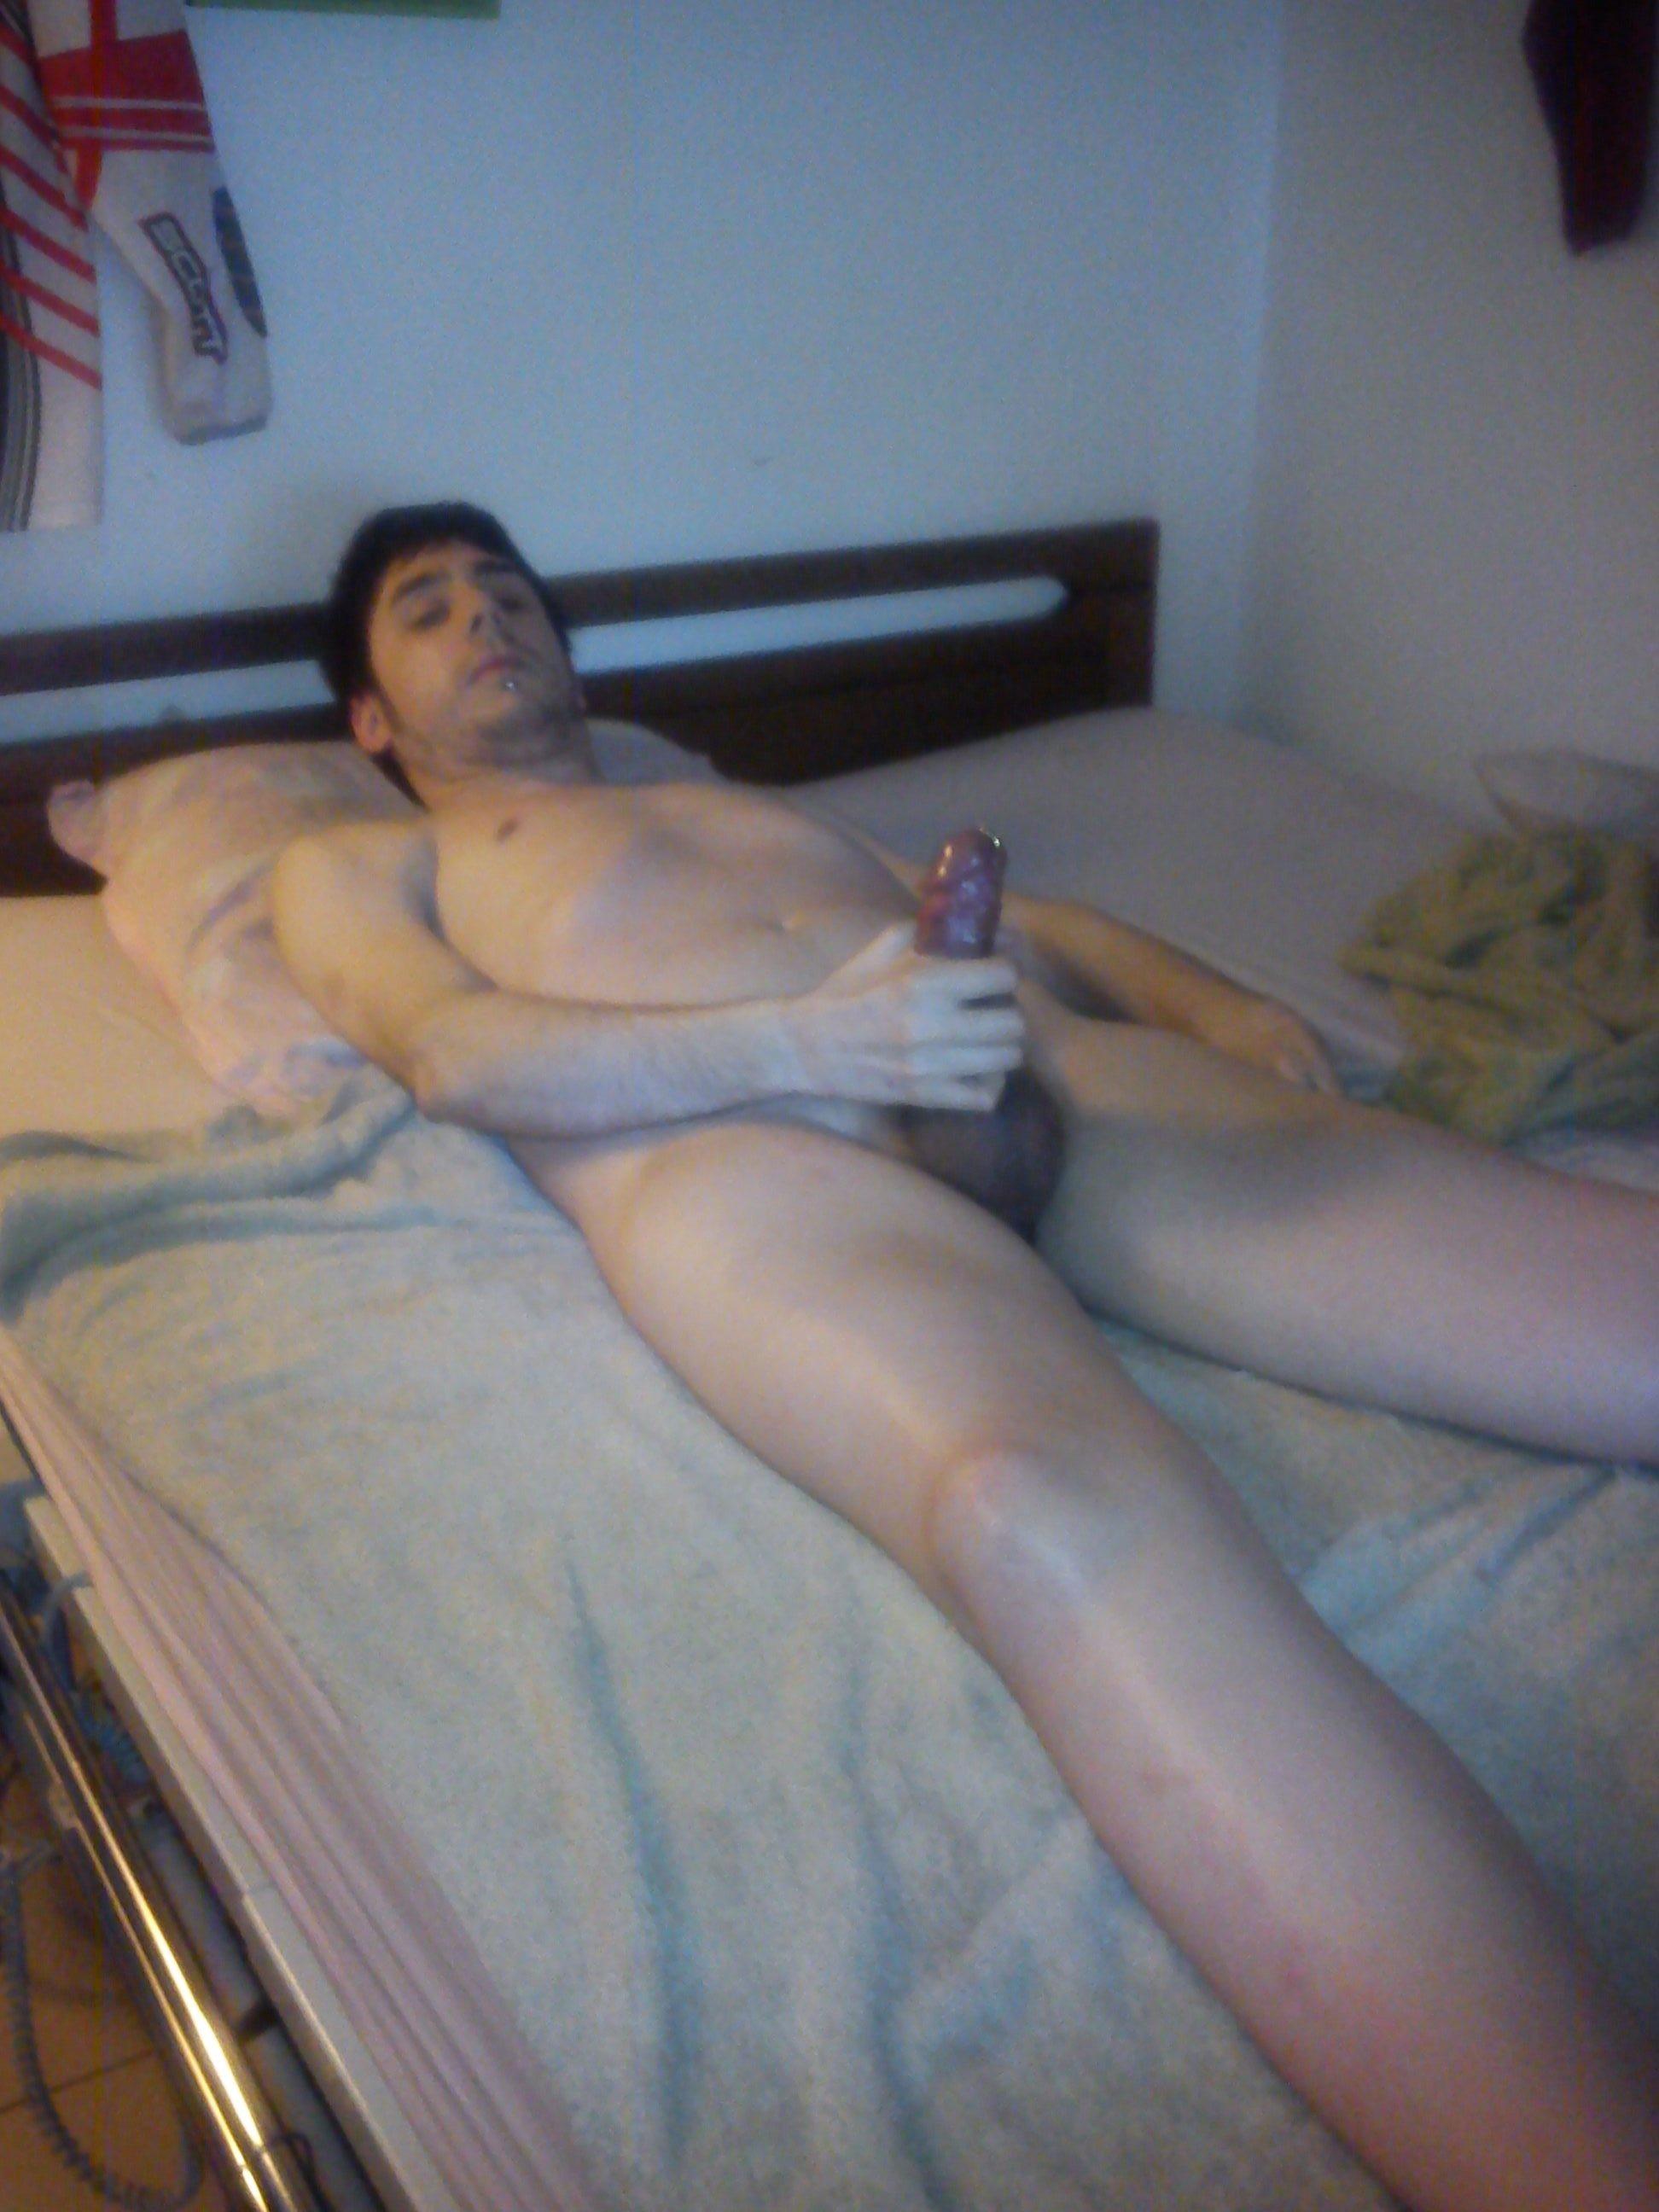 http://dating.rs/slike/1473/009.jpg